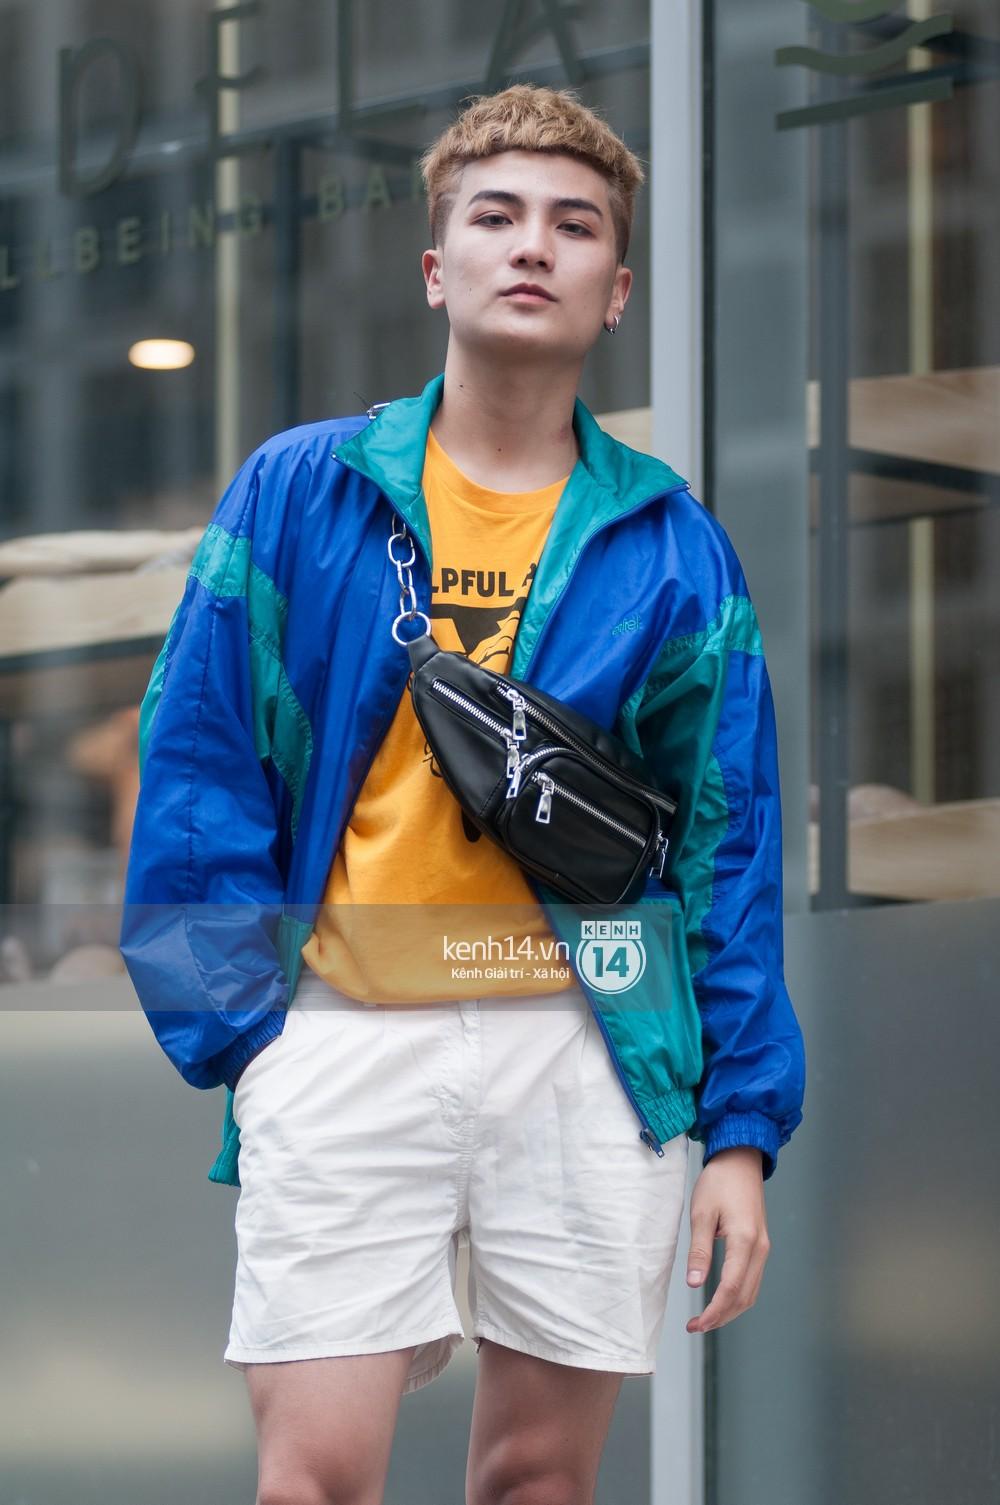 Giới trẻ 2 miền chinh phục loạt hot trend, khoe street style siêu cool và thời thượng ngắm là mê - Ảnh 25.